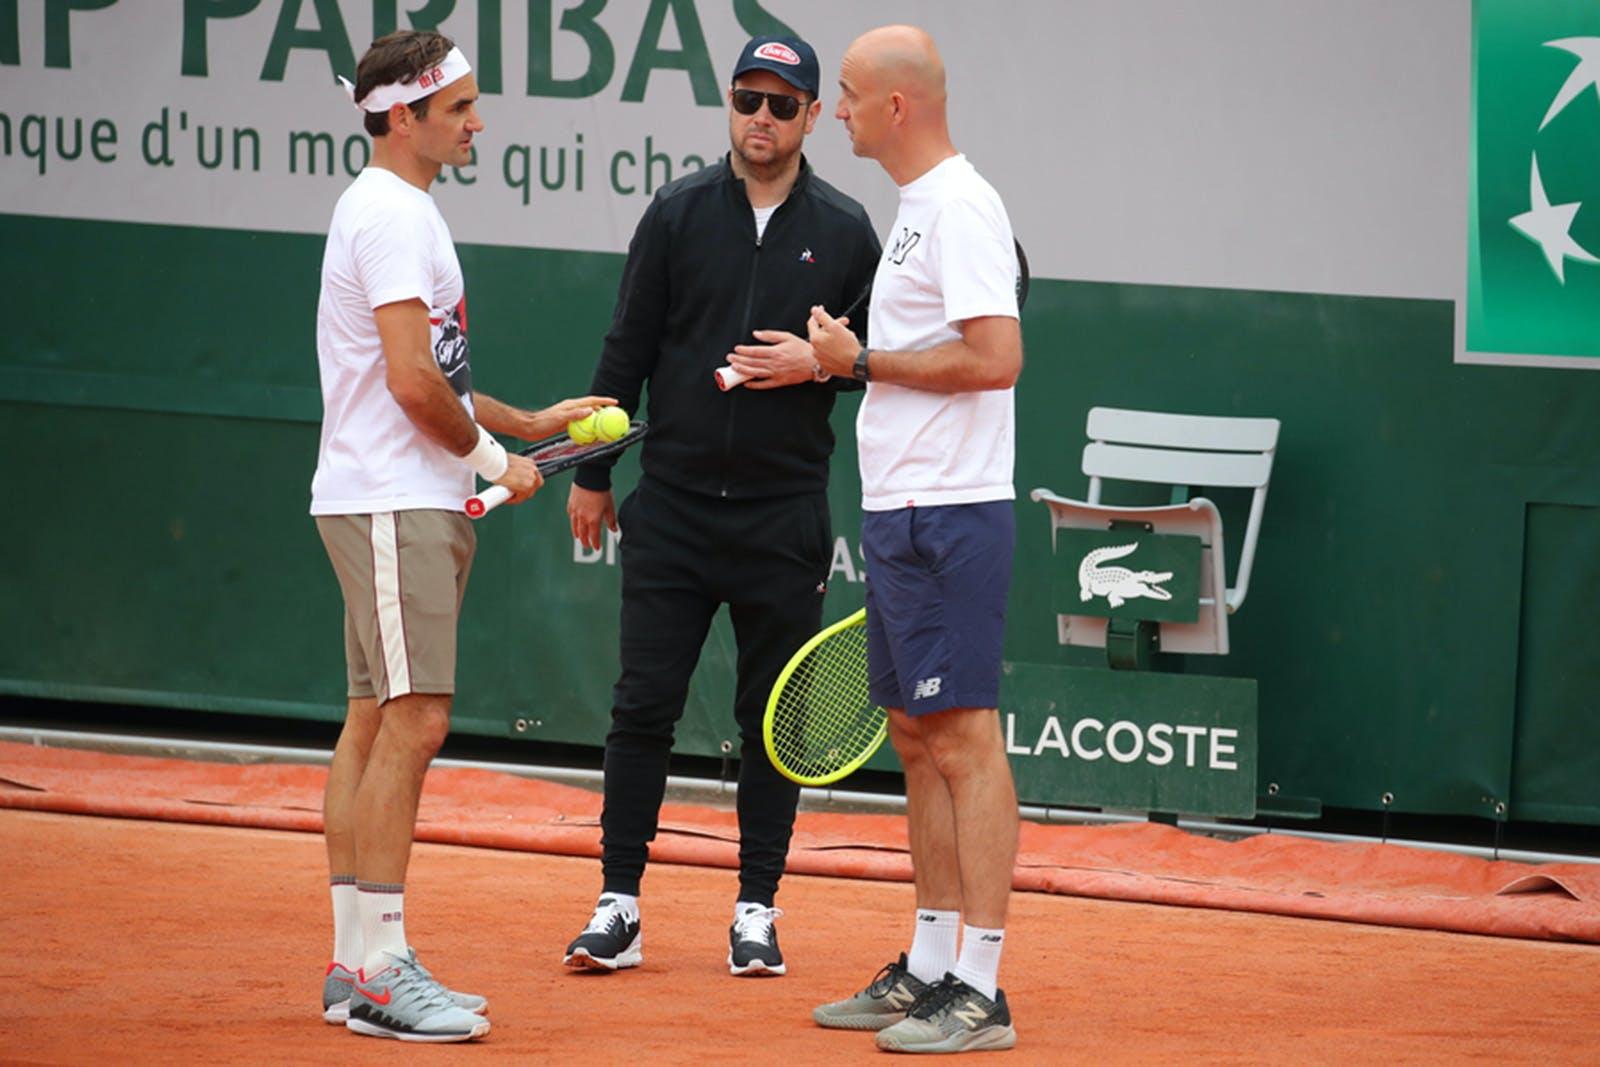 Roger Federer, Séverin Luthi, Ivan Ljubicic Roland-Garros 2019